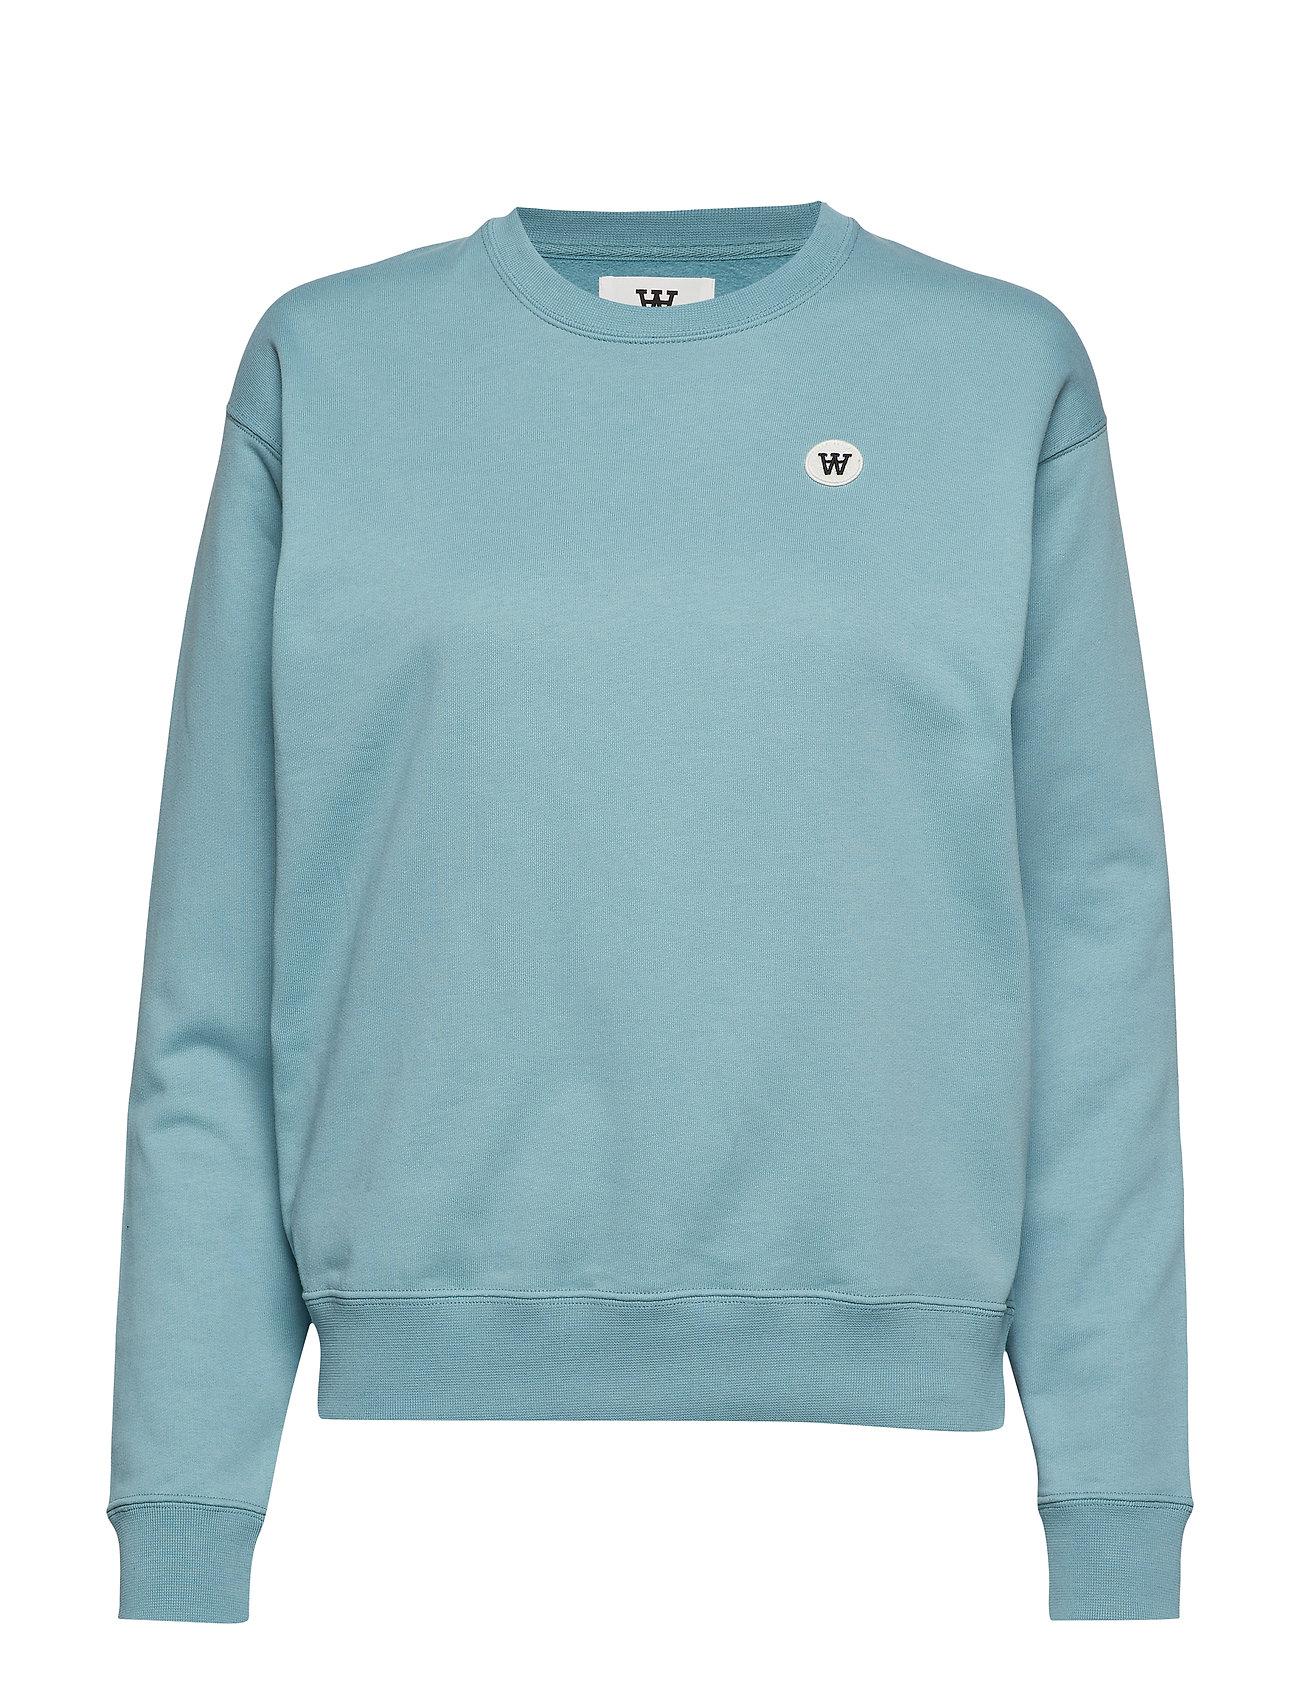 Jess Sweatshirtdusty Sweatshirtdusty BlueWood Jess Sweatshirtdusty Jess BlueWood BlueWood Jess Sweatshirtdusty dWexBrCo